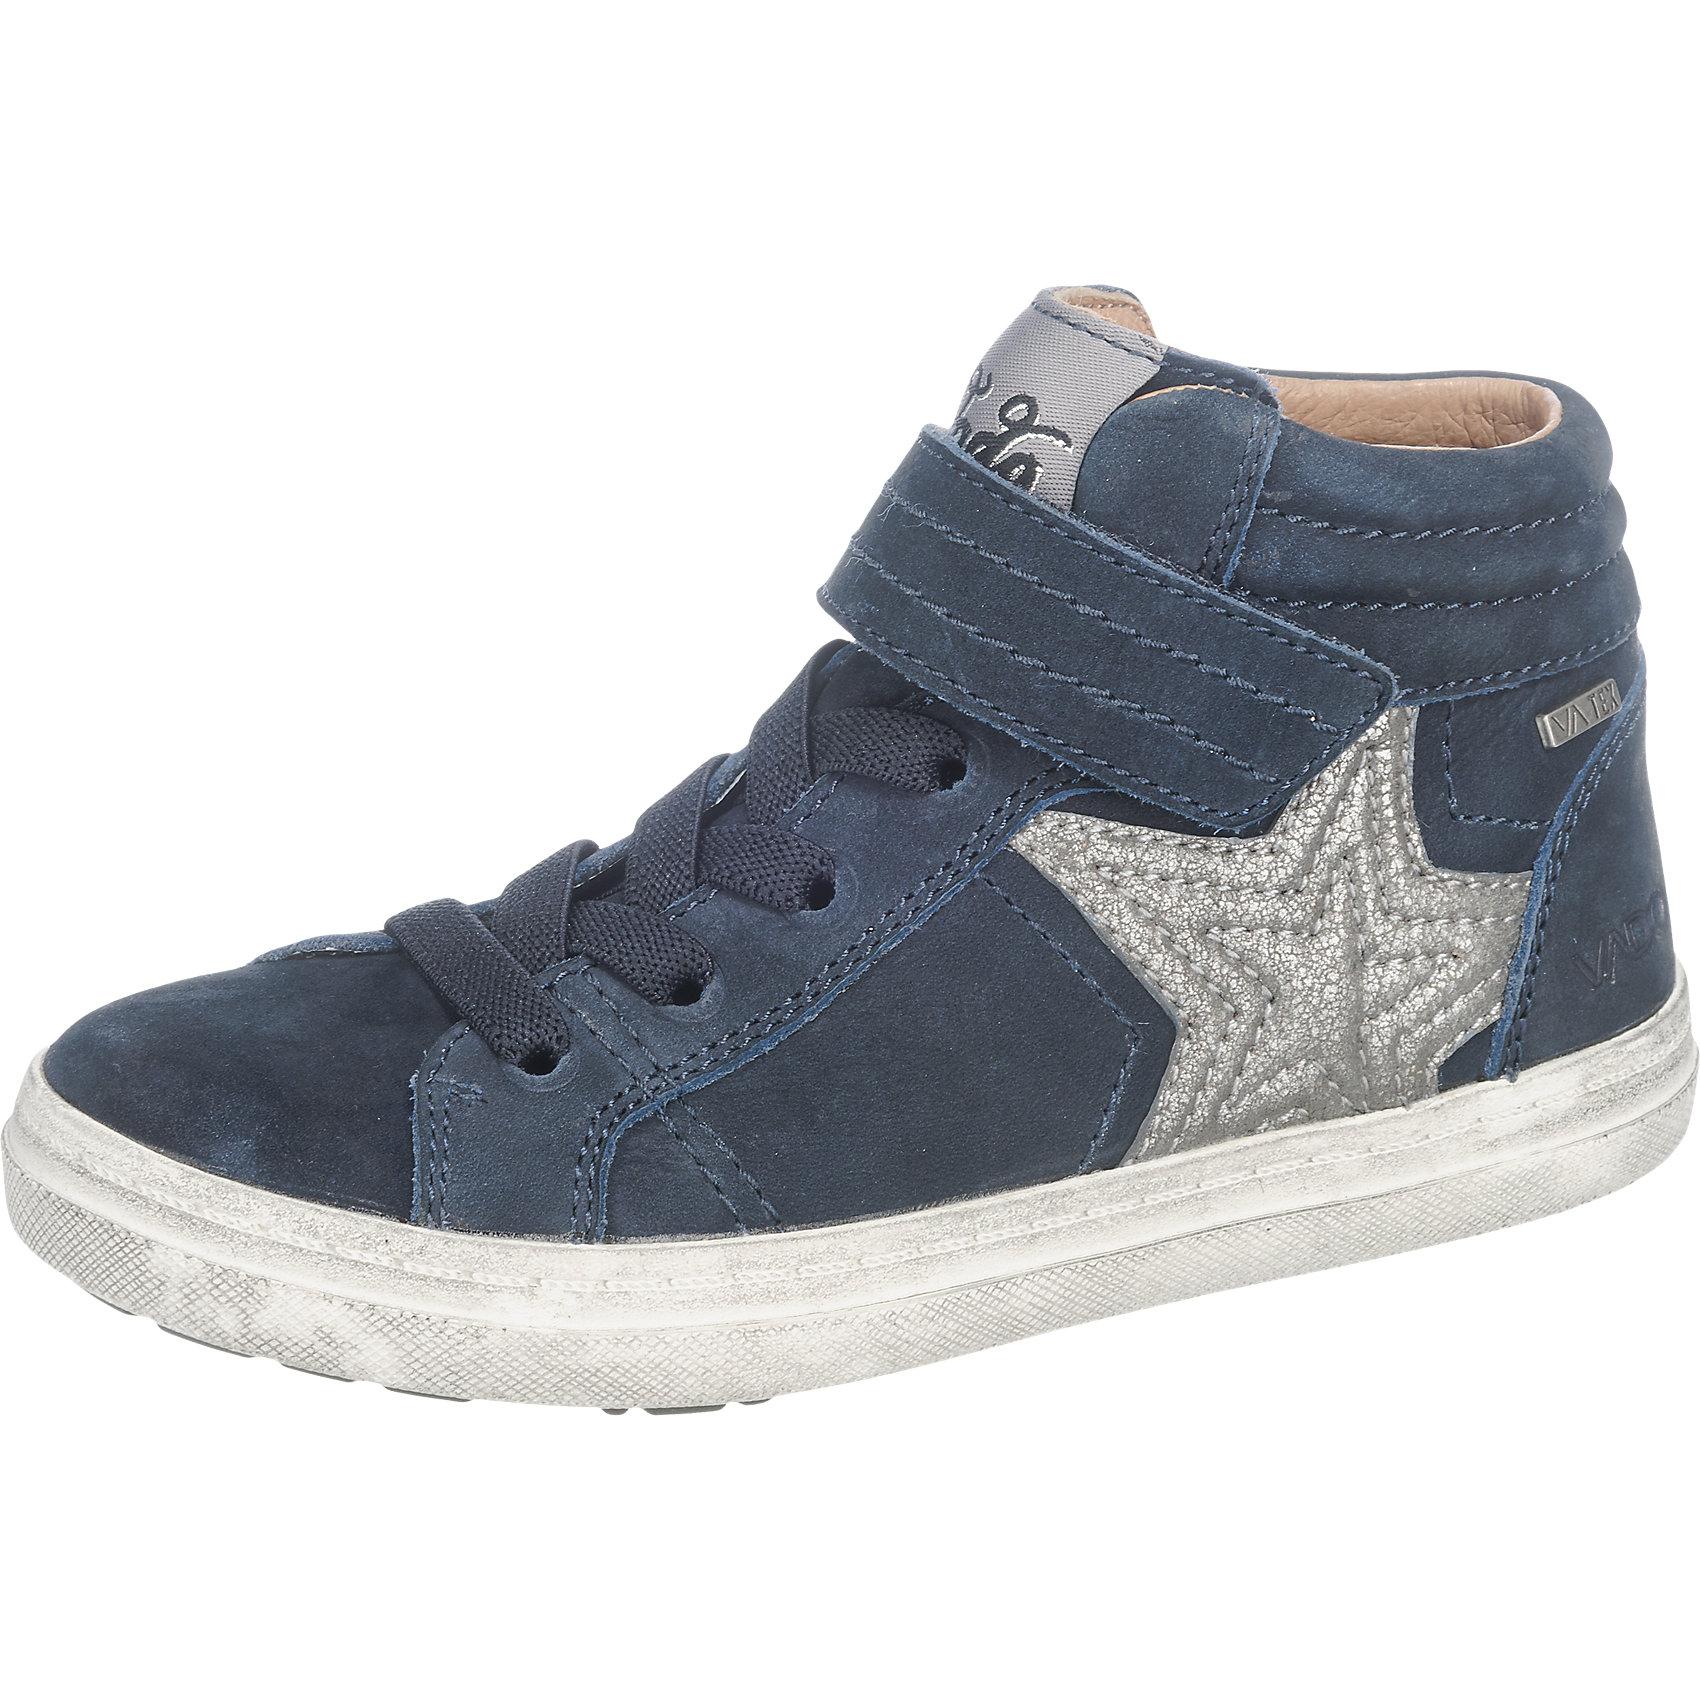 Details zu Neu VADO Sneakers High, TEX, für Mädchen, Stern 6064667 für Herren blau